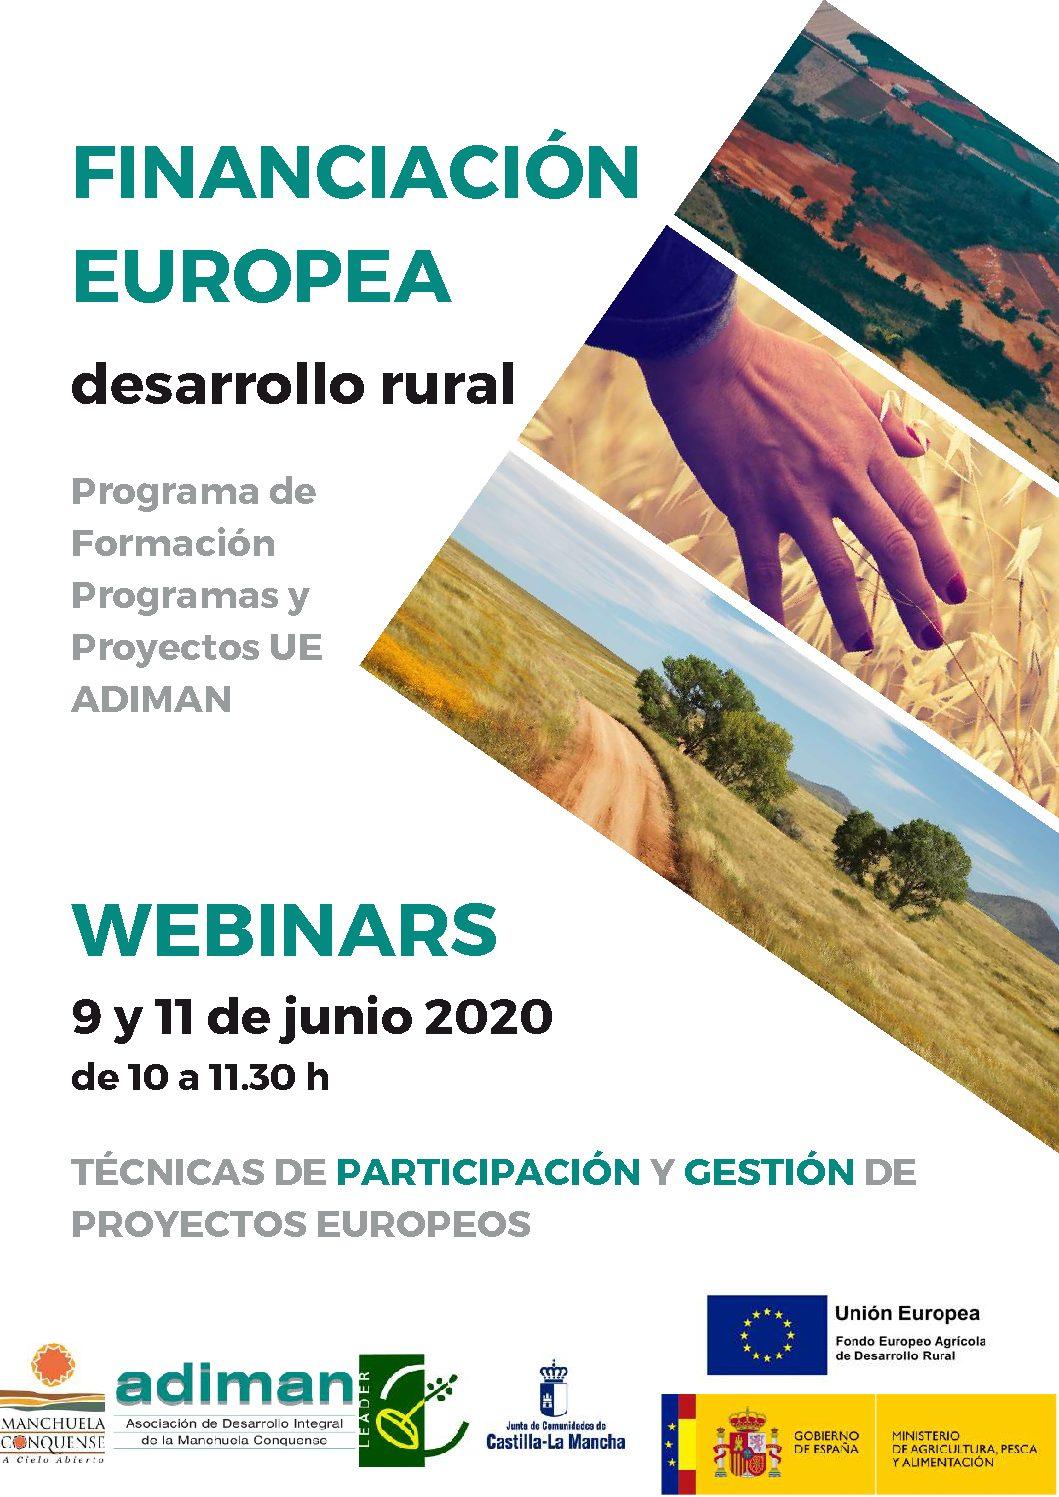 Adiman organiza dos seminarios gratuitos online sobre Técnicas de participación y Gestión de Proyectos Europeos